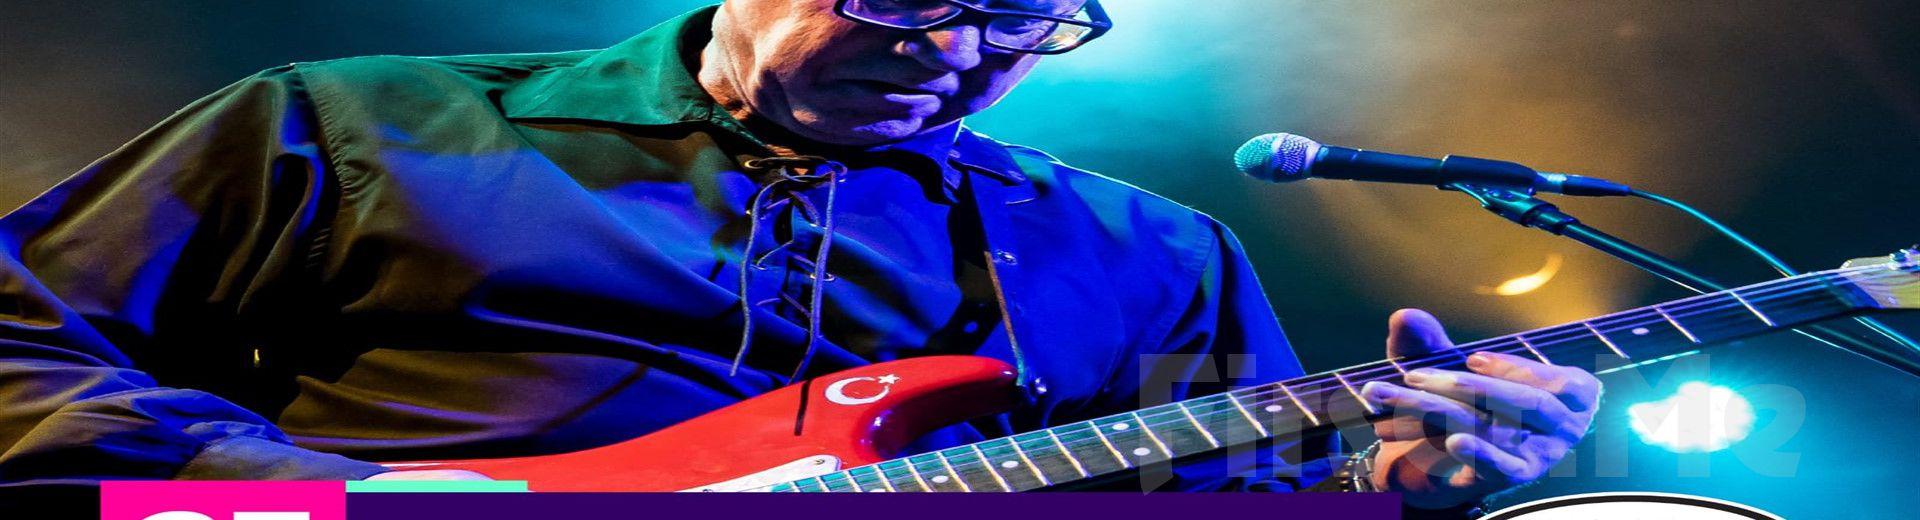 Hayal Kahvesi Emaar'da 23 Kasım'da 'Paul & The Bandits' Konser Bileti